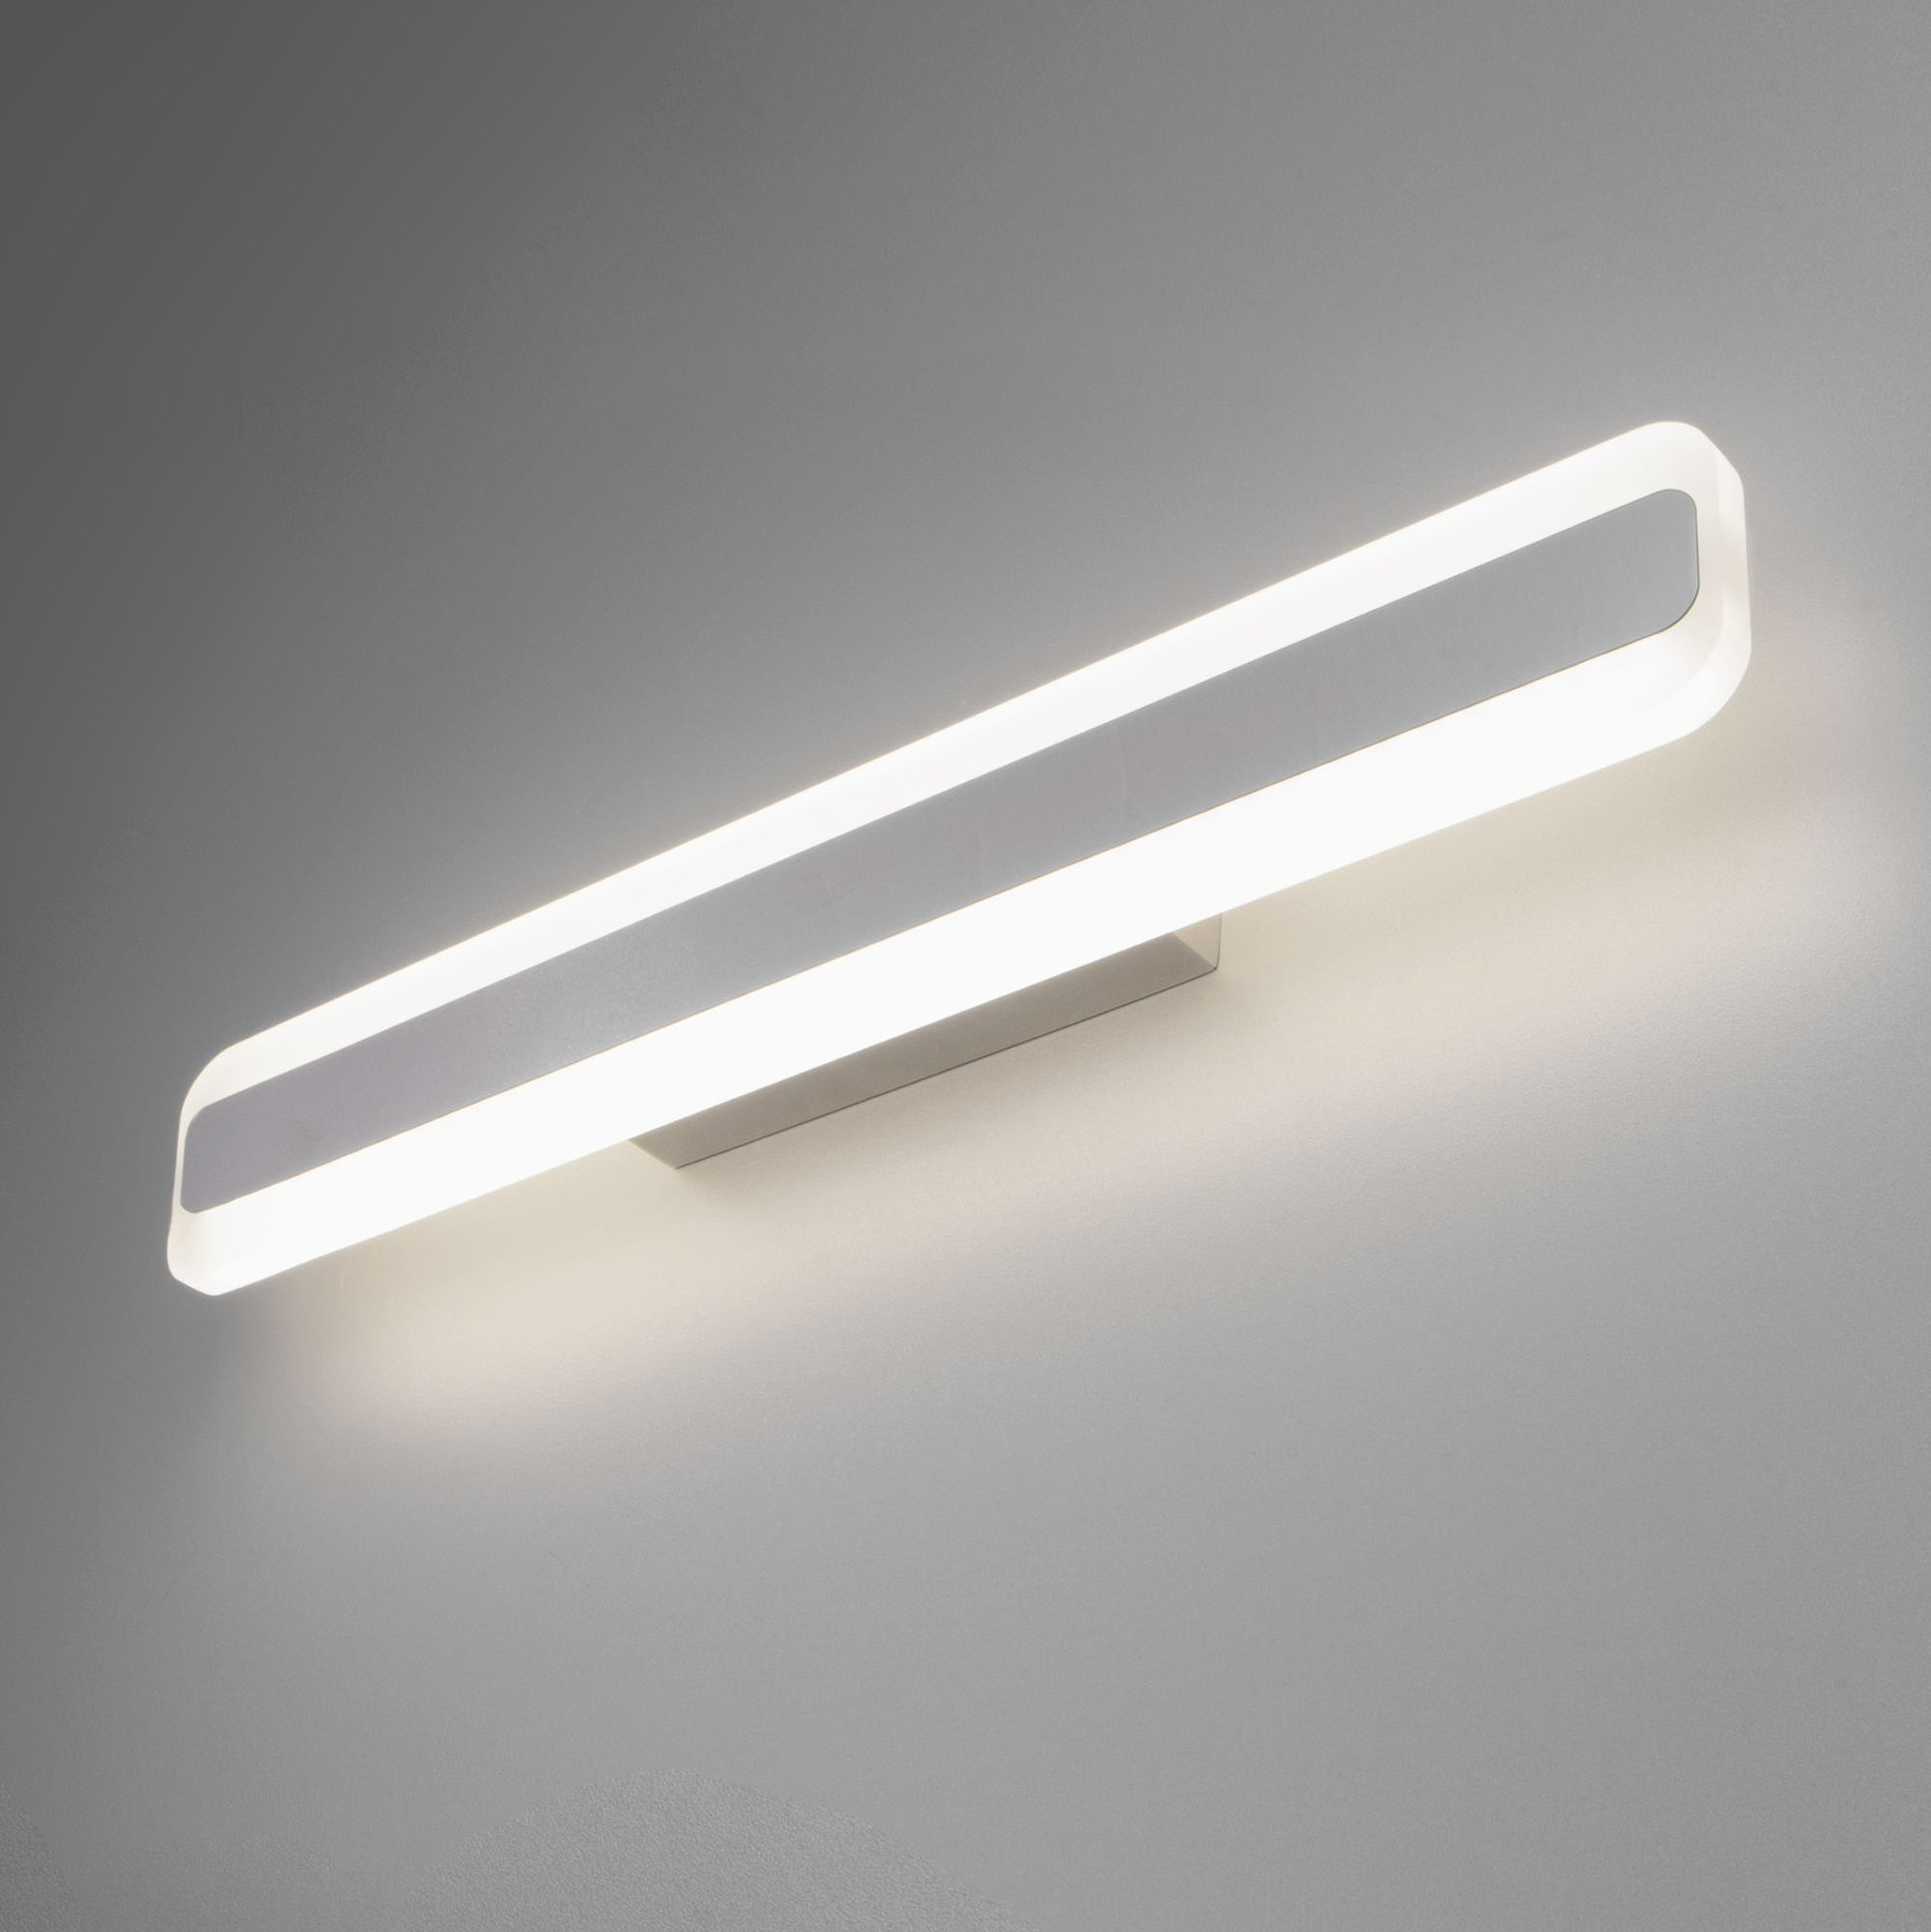 Настенный светодиодный светильник Ivata LED MRL LED 1085